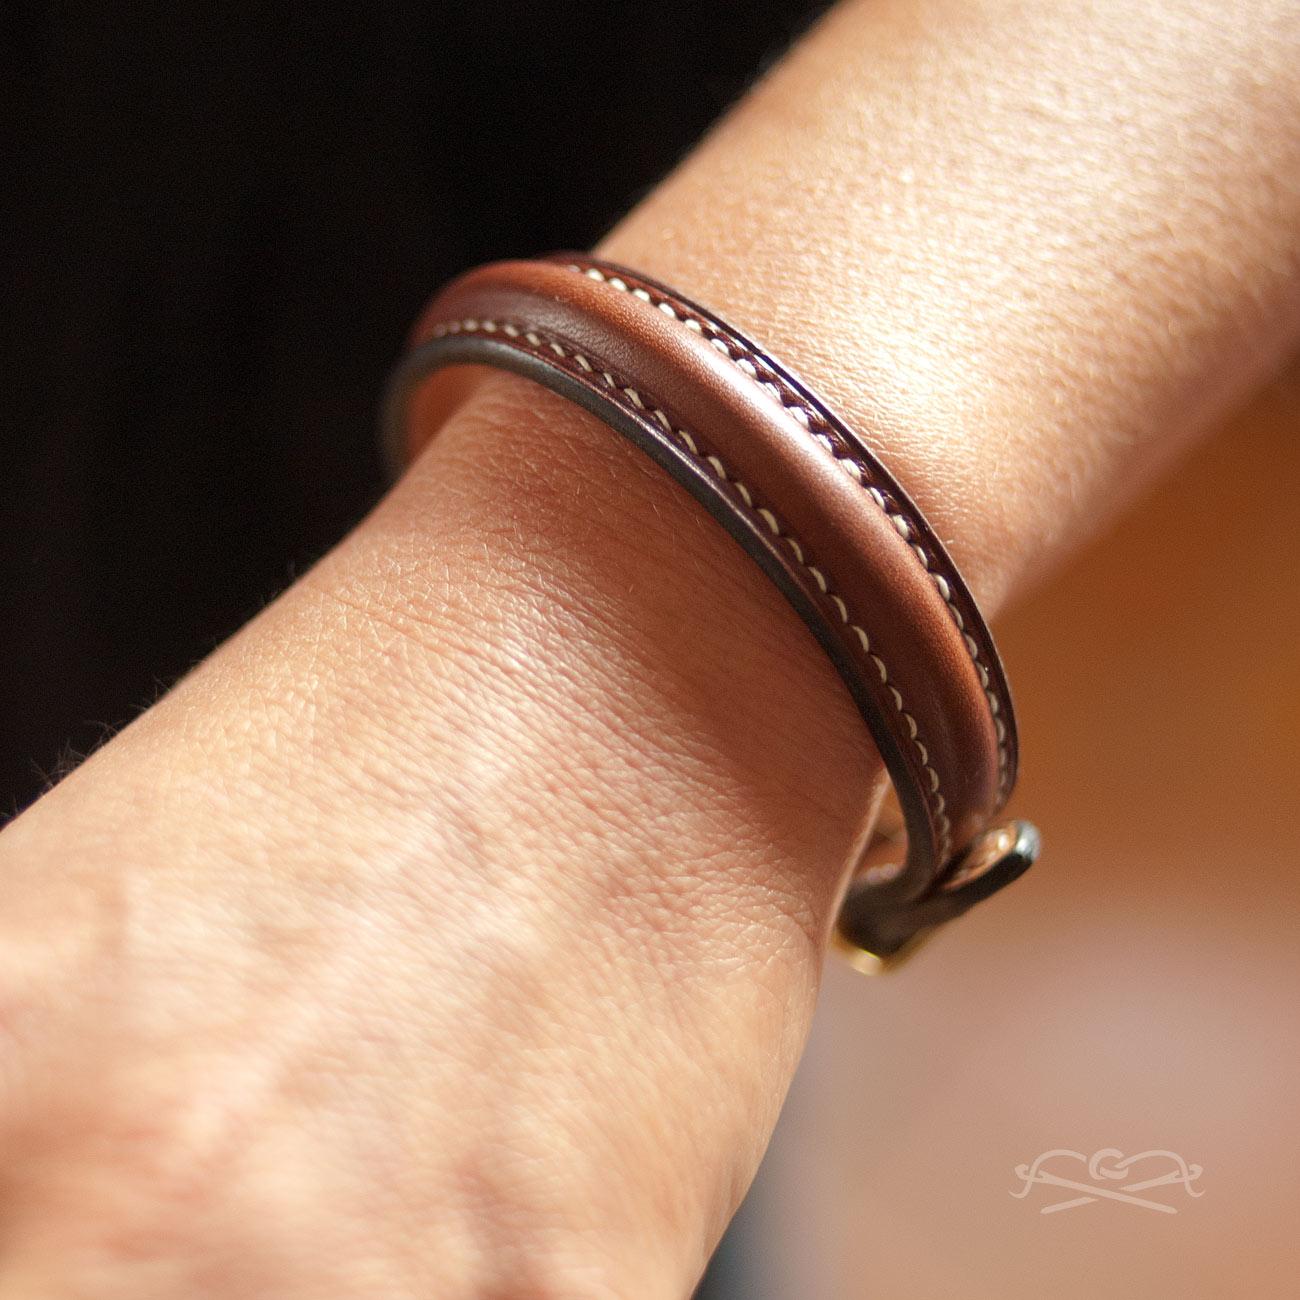 bracelet_02_img01_HD